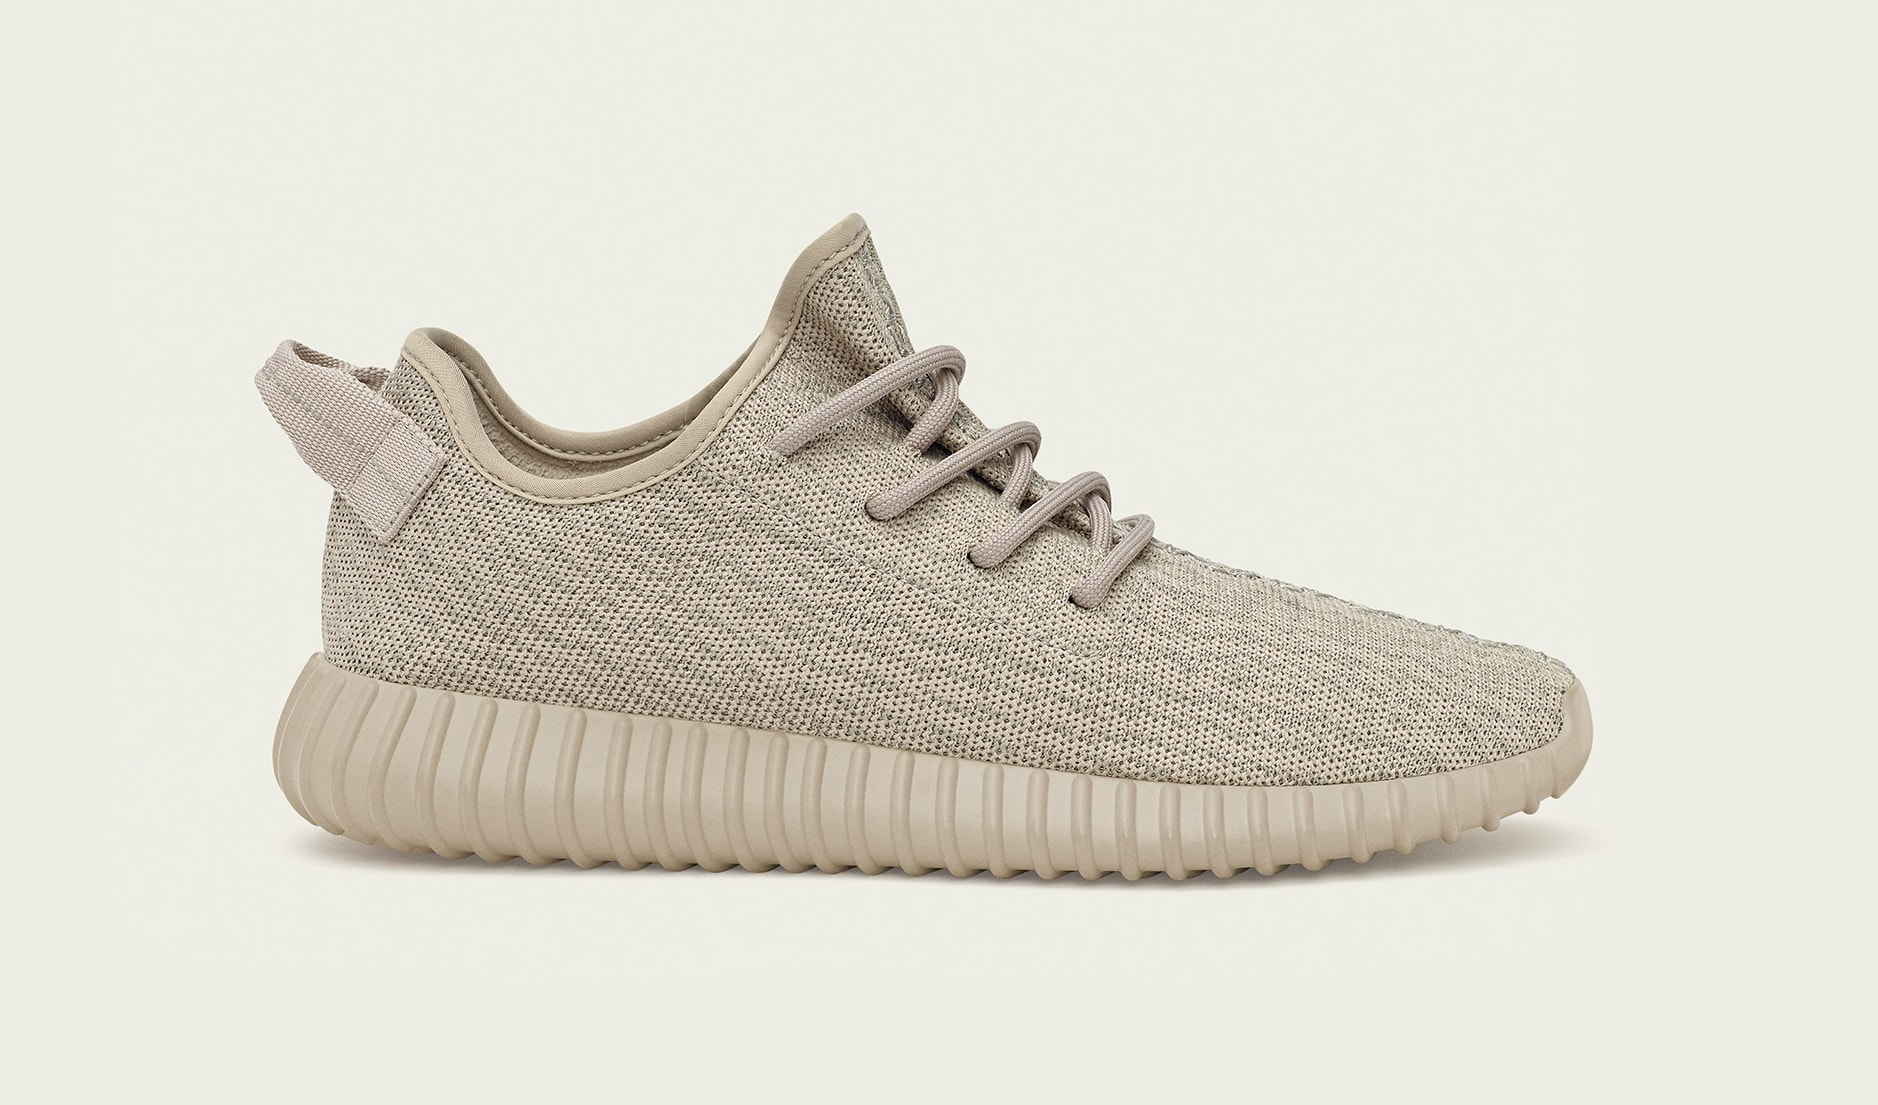 cfff063ee9 adidas Yeezy Boost 350